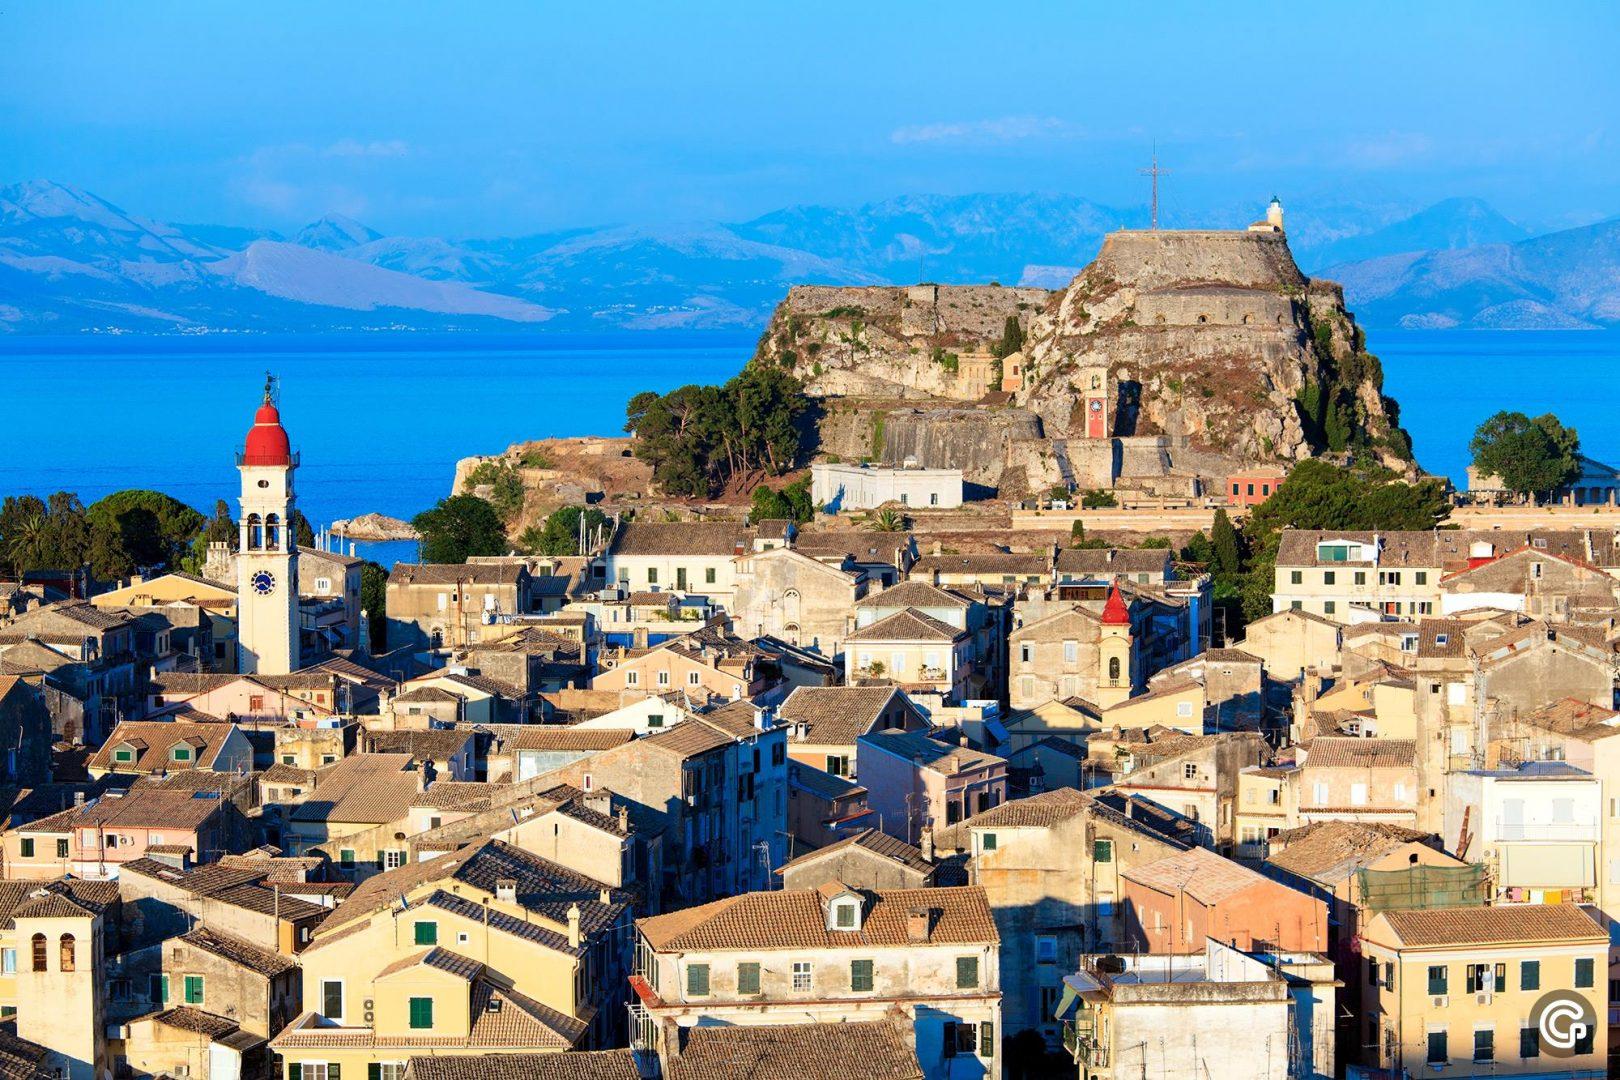 St. Spyridon Church, Corfu, Greece